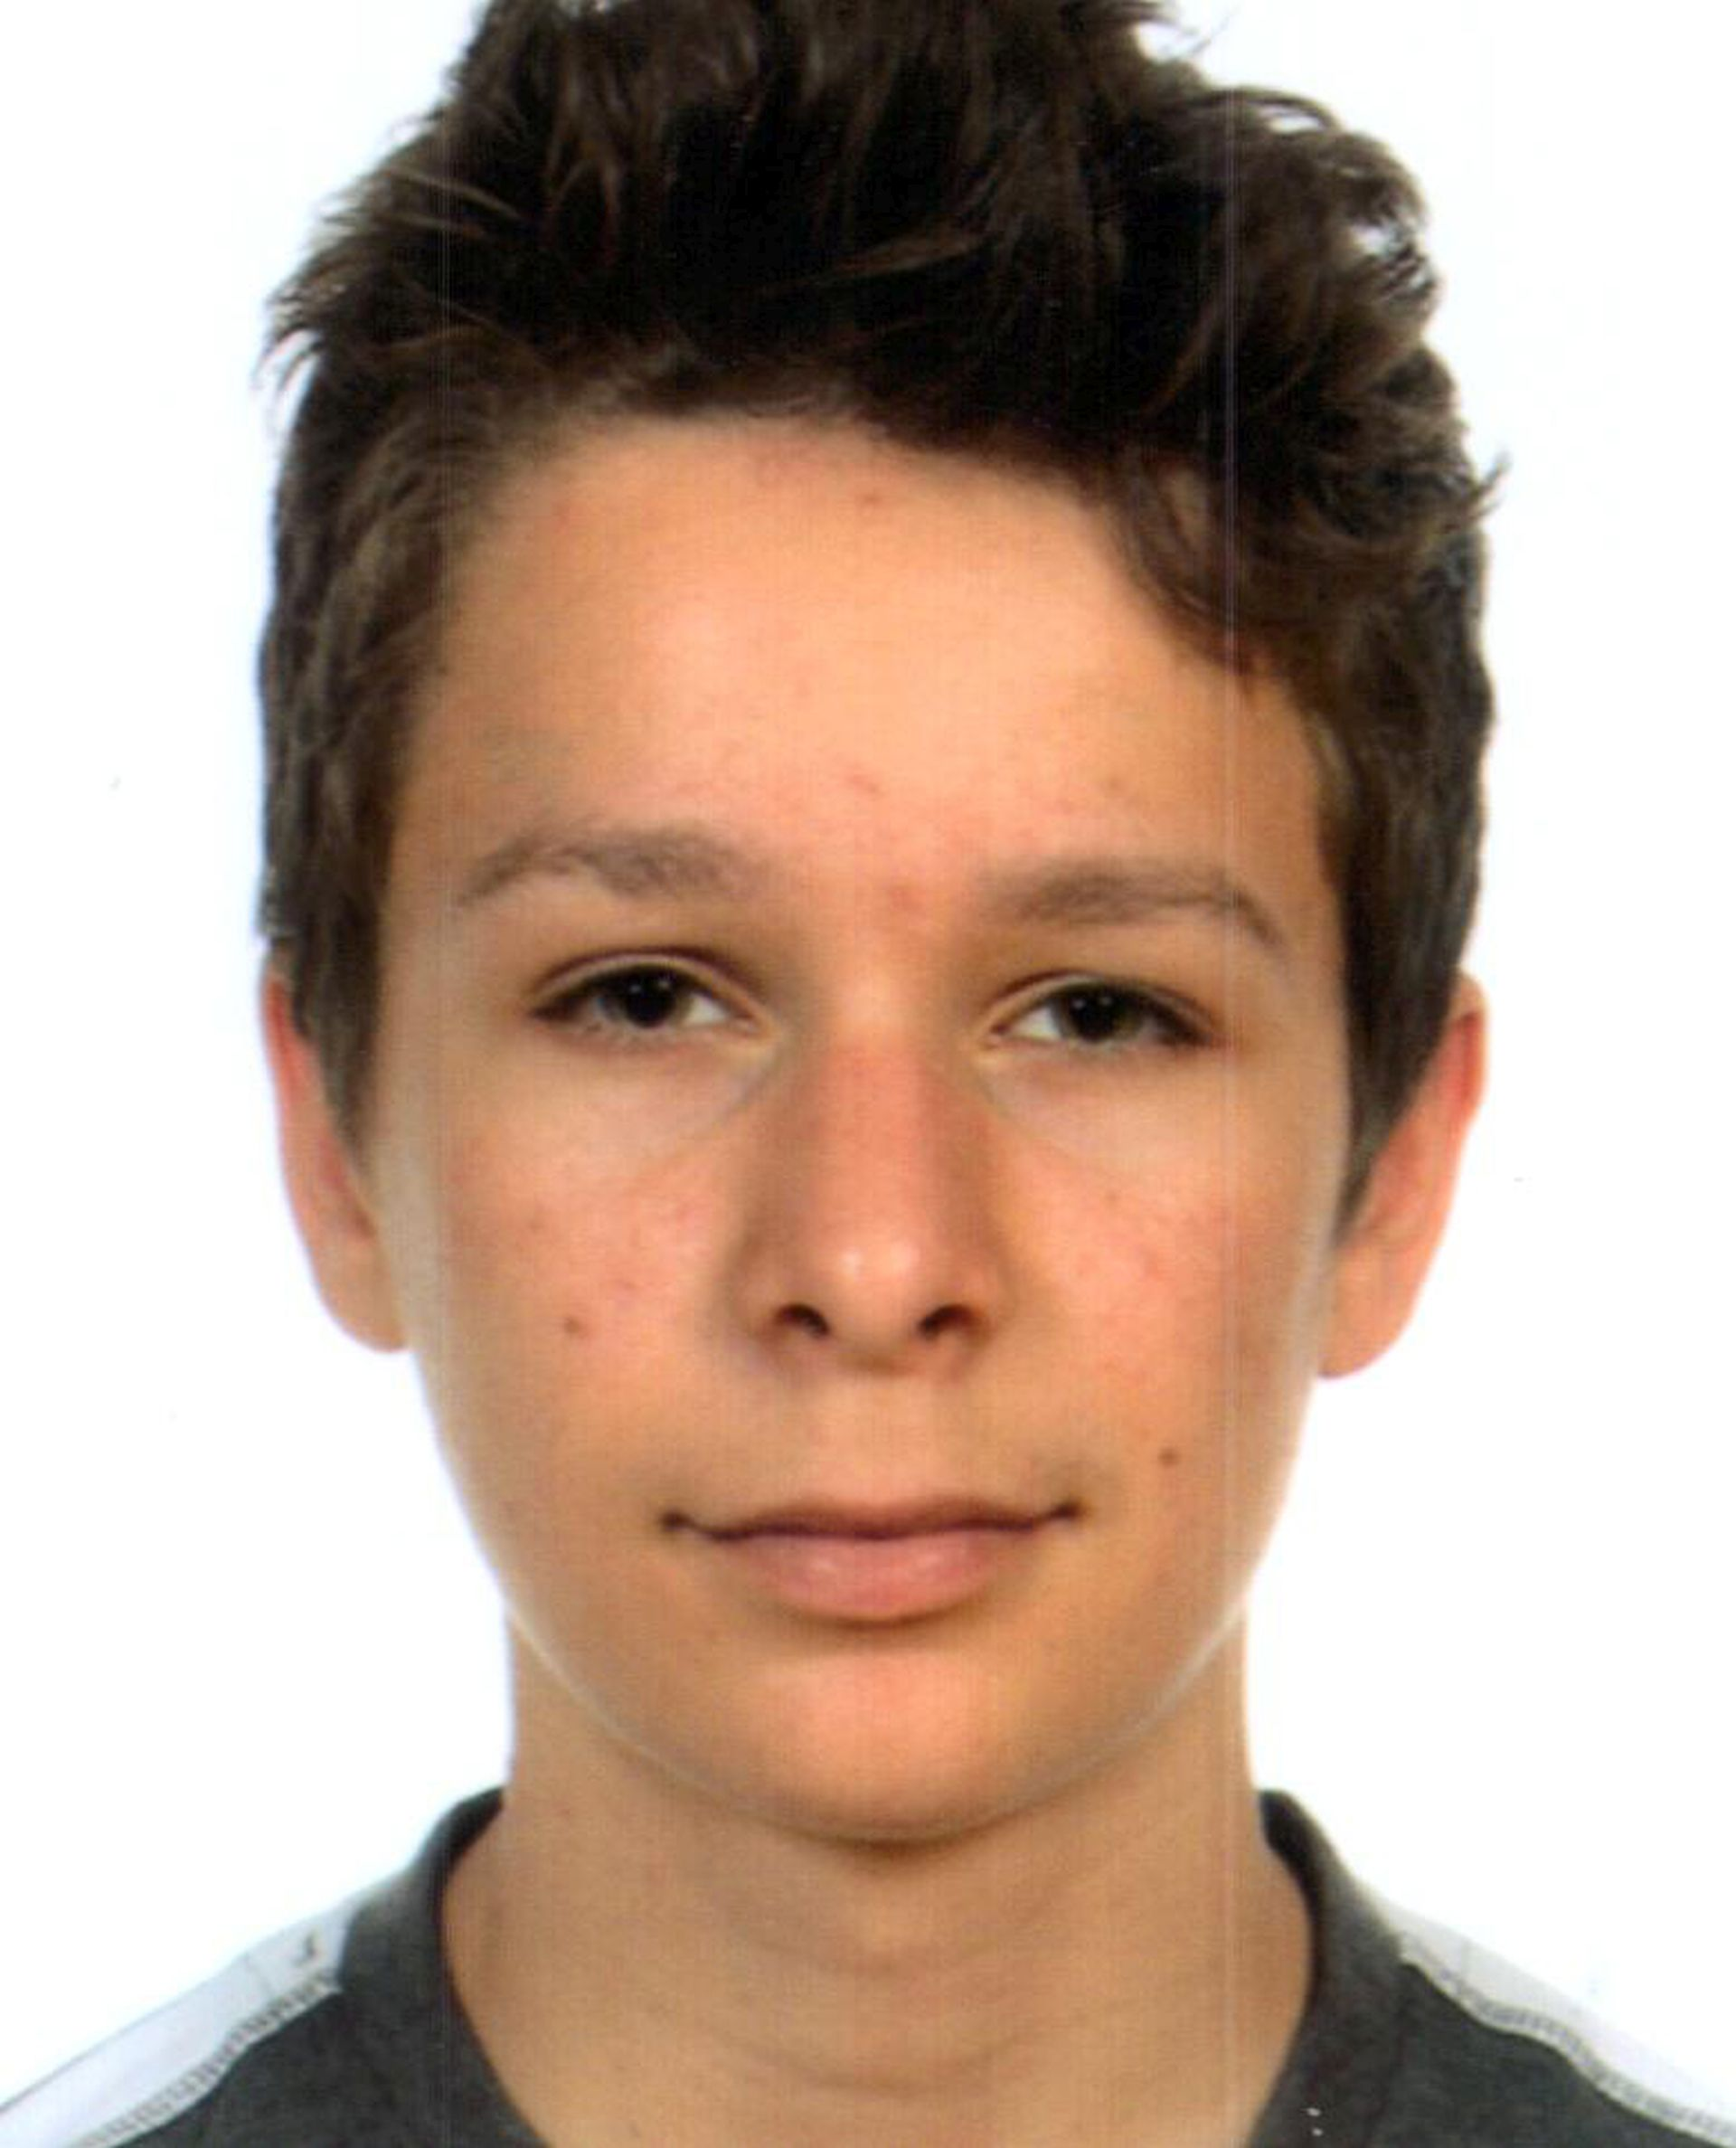 MEĐIMURSKA POLICIJA: Kod Štrigove pronađeno mrtvo tijelo nestalog 15-godišnjaka